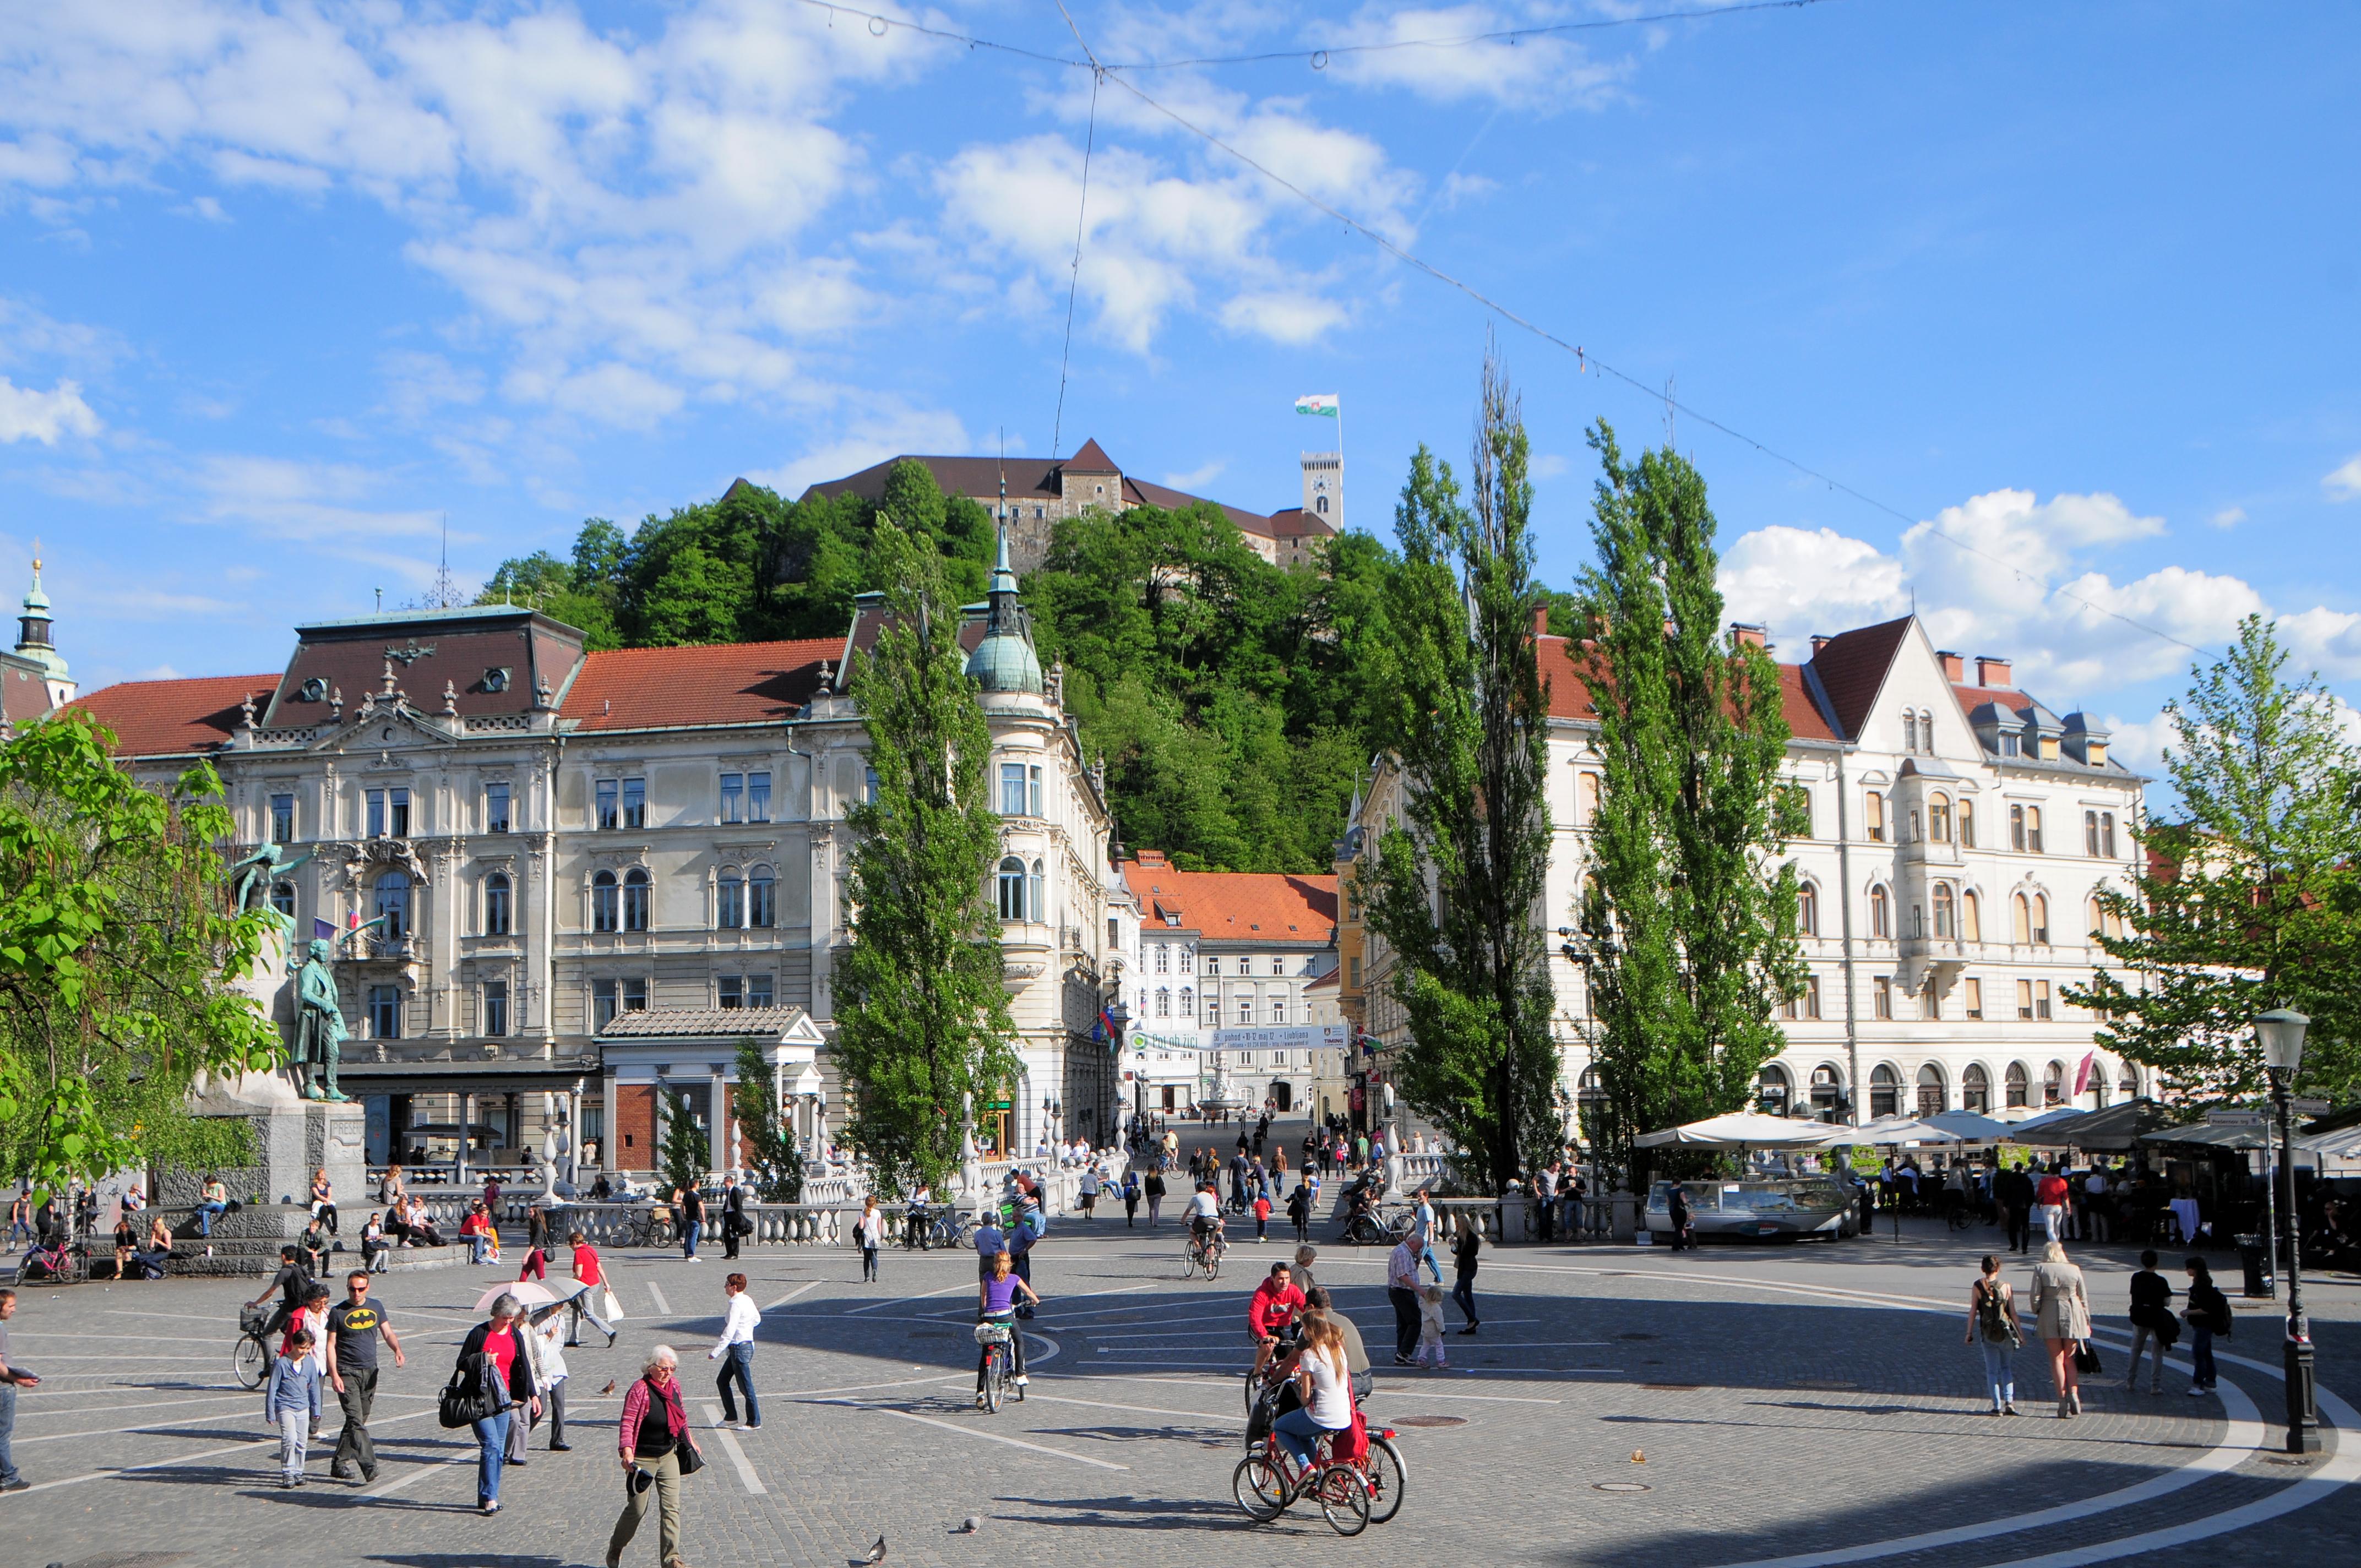 Veduta Presernov in Ljubljana, Slovenia photo by Dunja Wedam